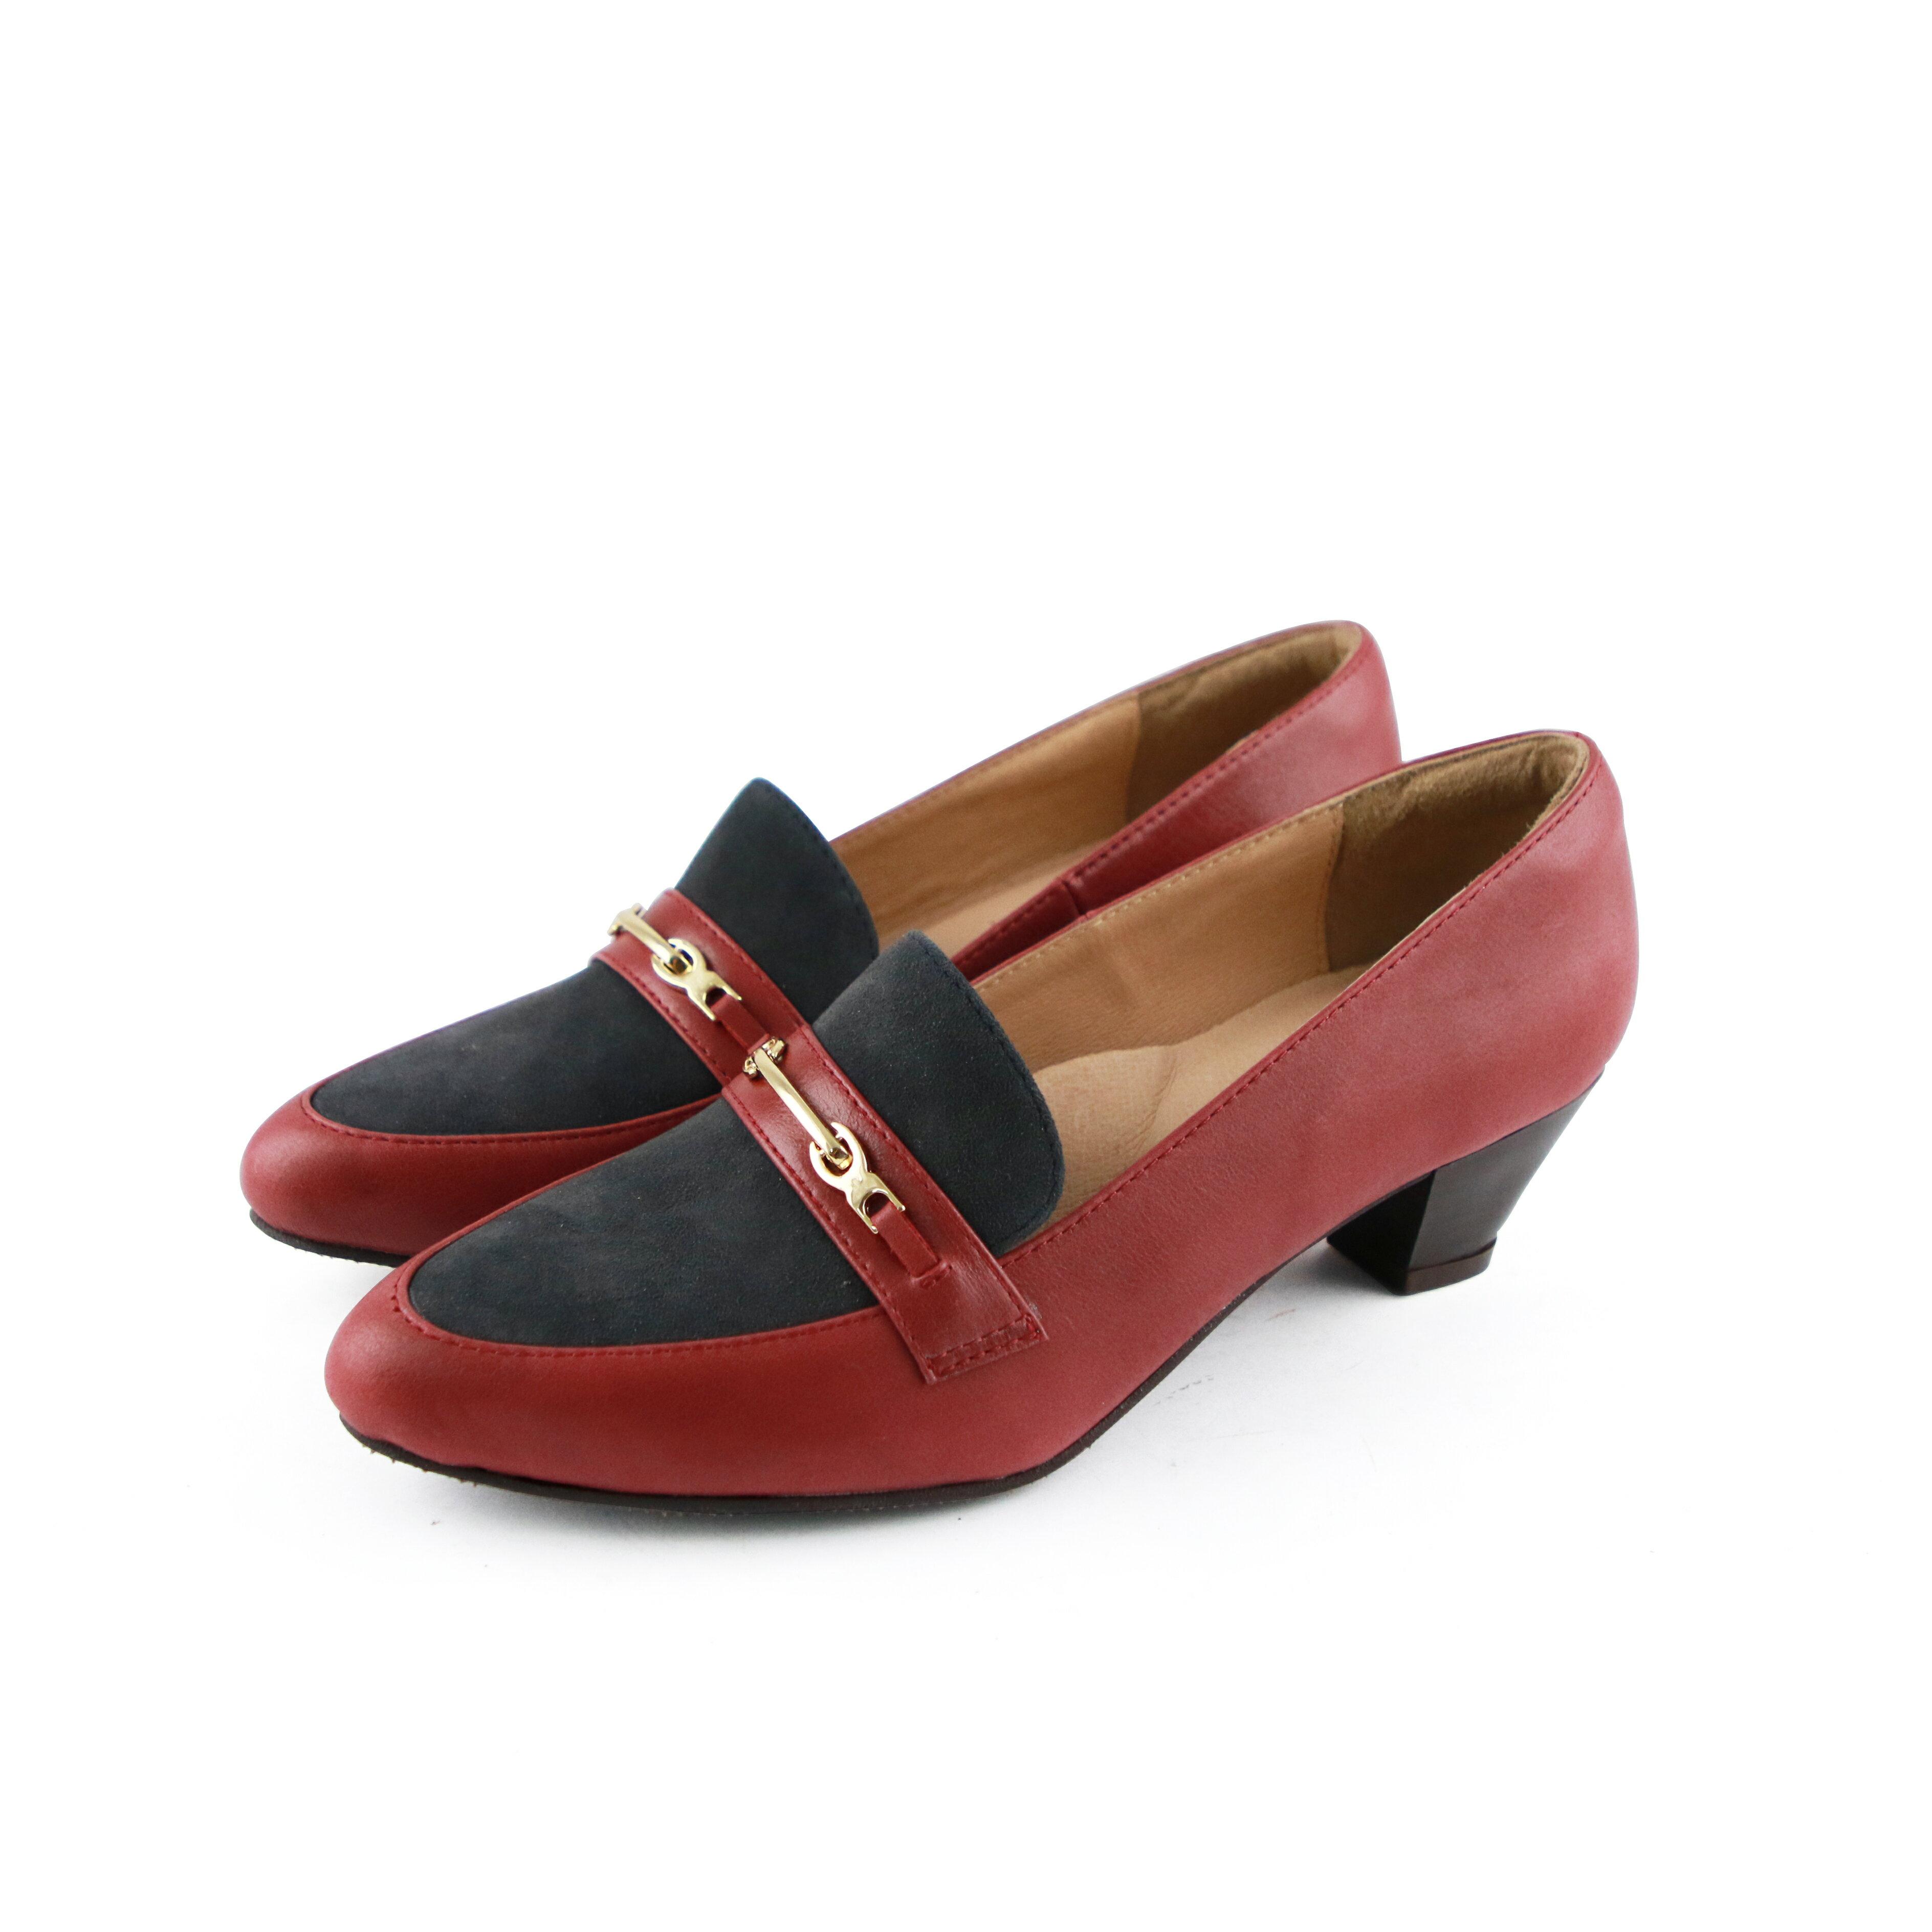 【P2-19131L】飾扣真皮樂福跟鞋_Shoes Party 5